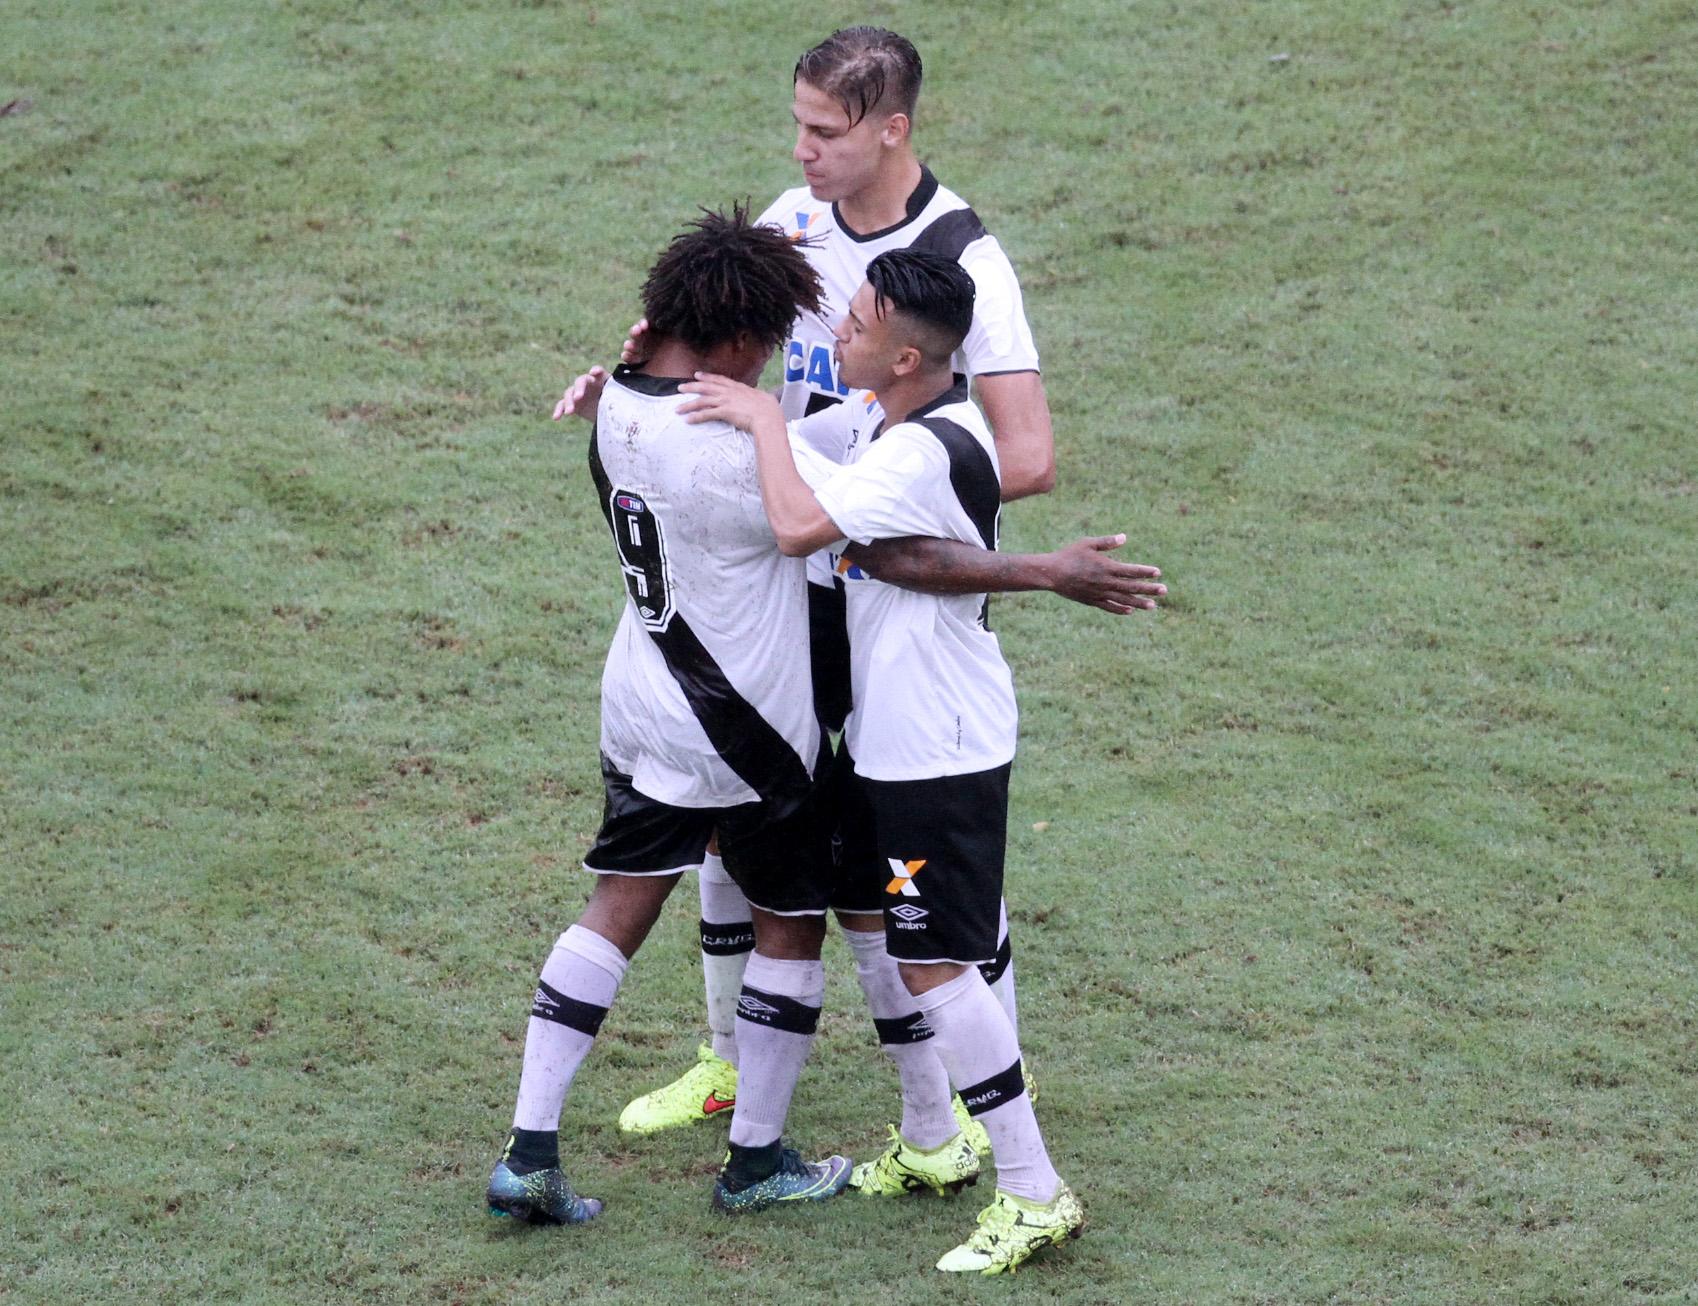 Juvenil  Vasco vence Urubu na Gávea por 1 a 0 no 1º jogo da decisão ... d579147b82604